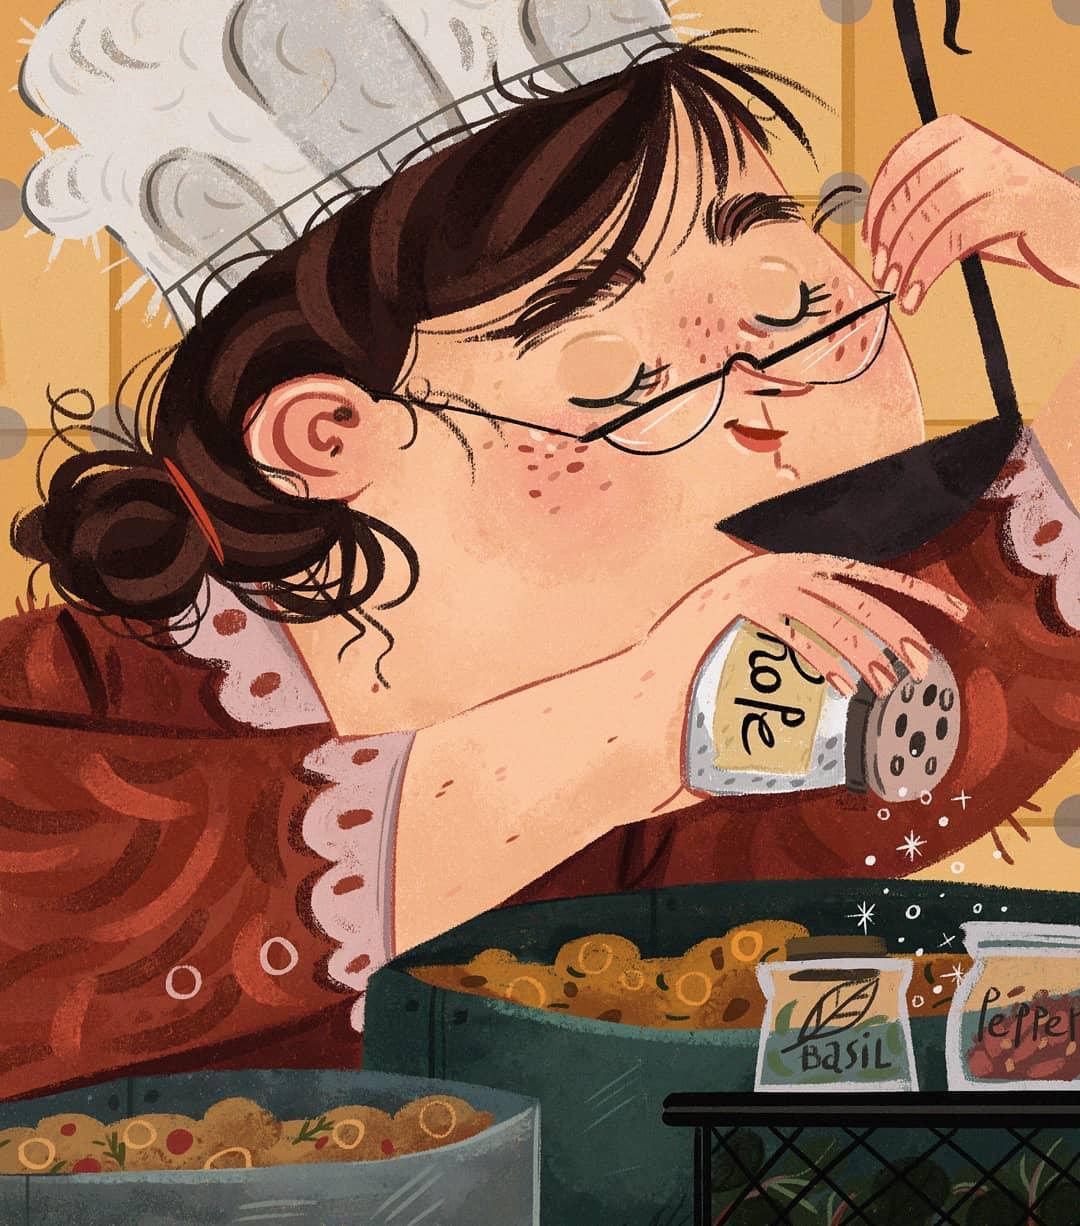 Digital art by Laura Proietti